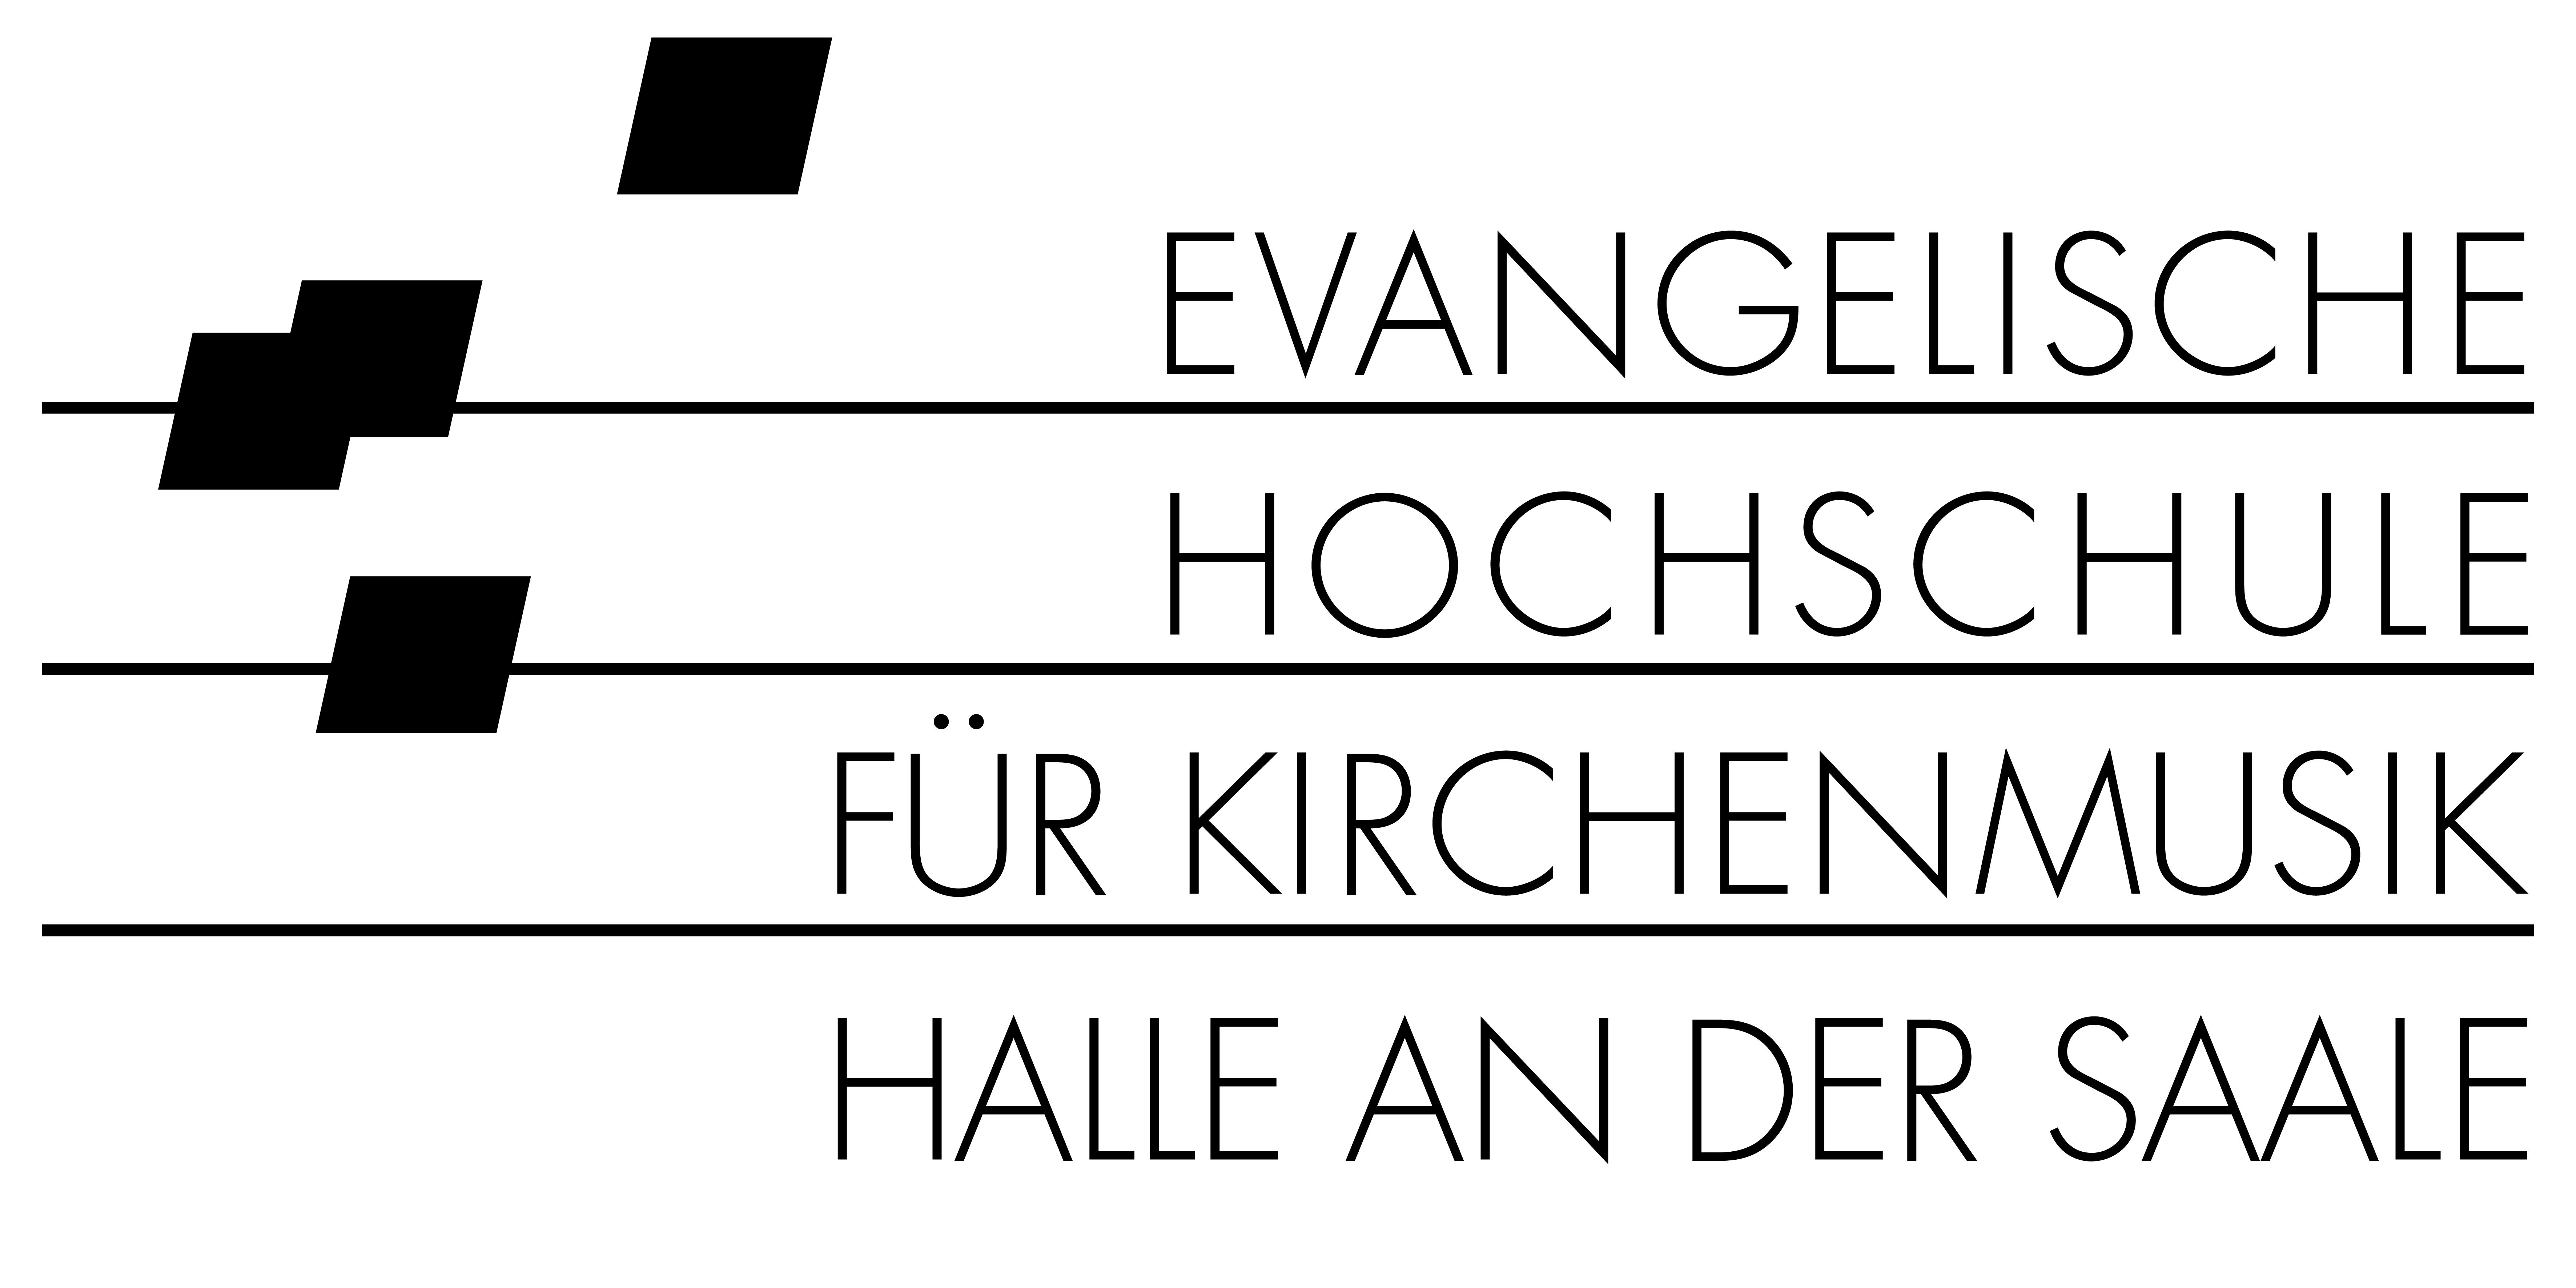 Evangelische Hochschule für Kirchenmusik